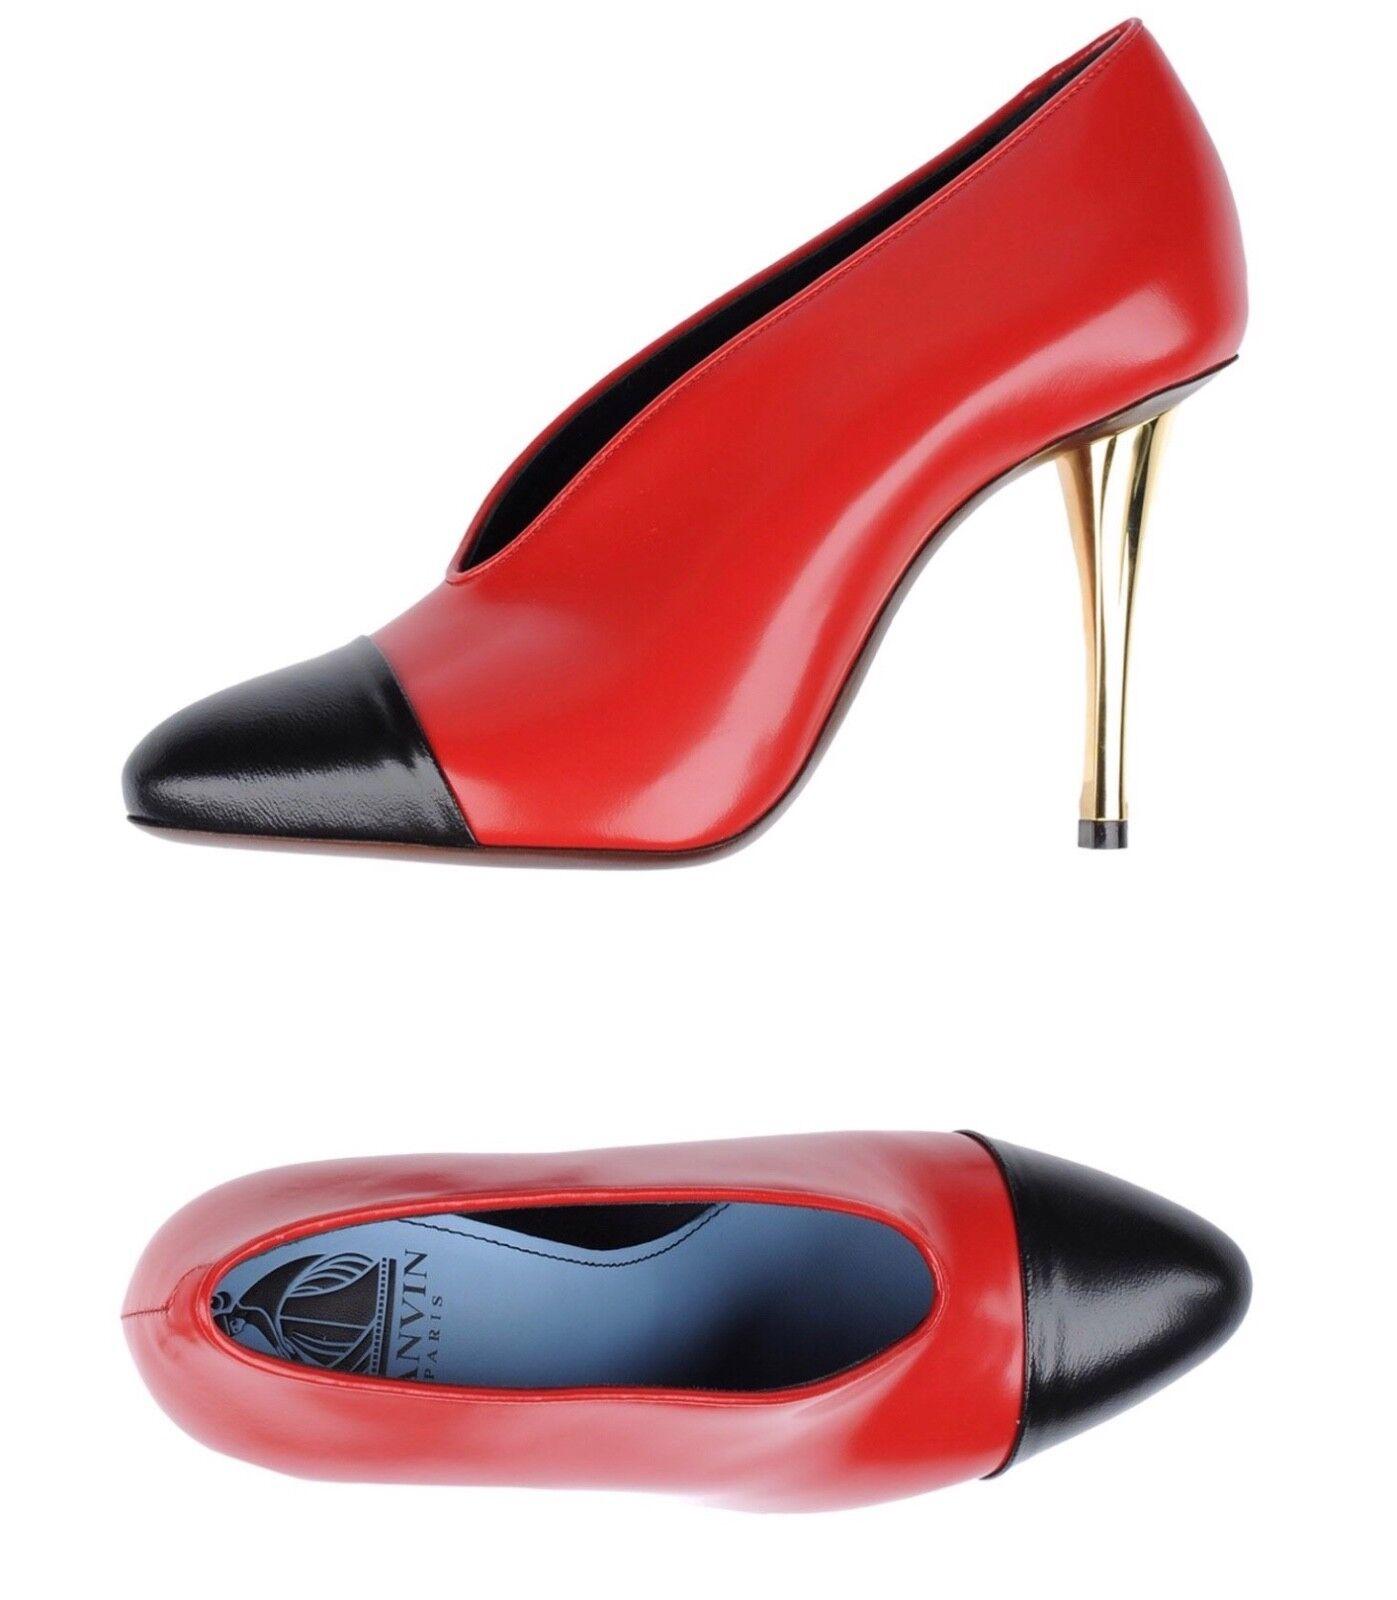 NIB Lanvin Leather Cap-Toe 105mm V-Neck Red Black Pumps Heels shoes 40EU  875